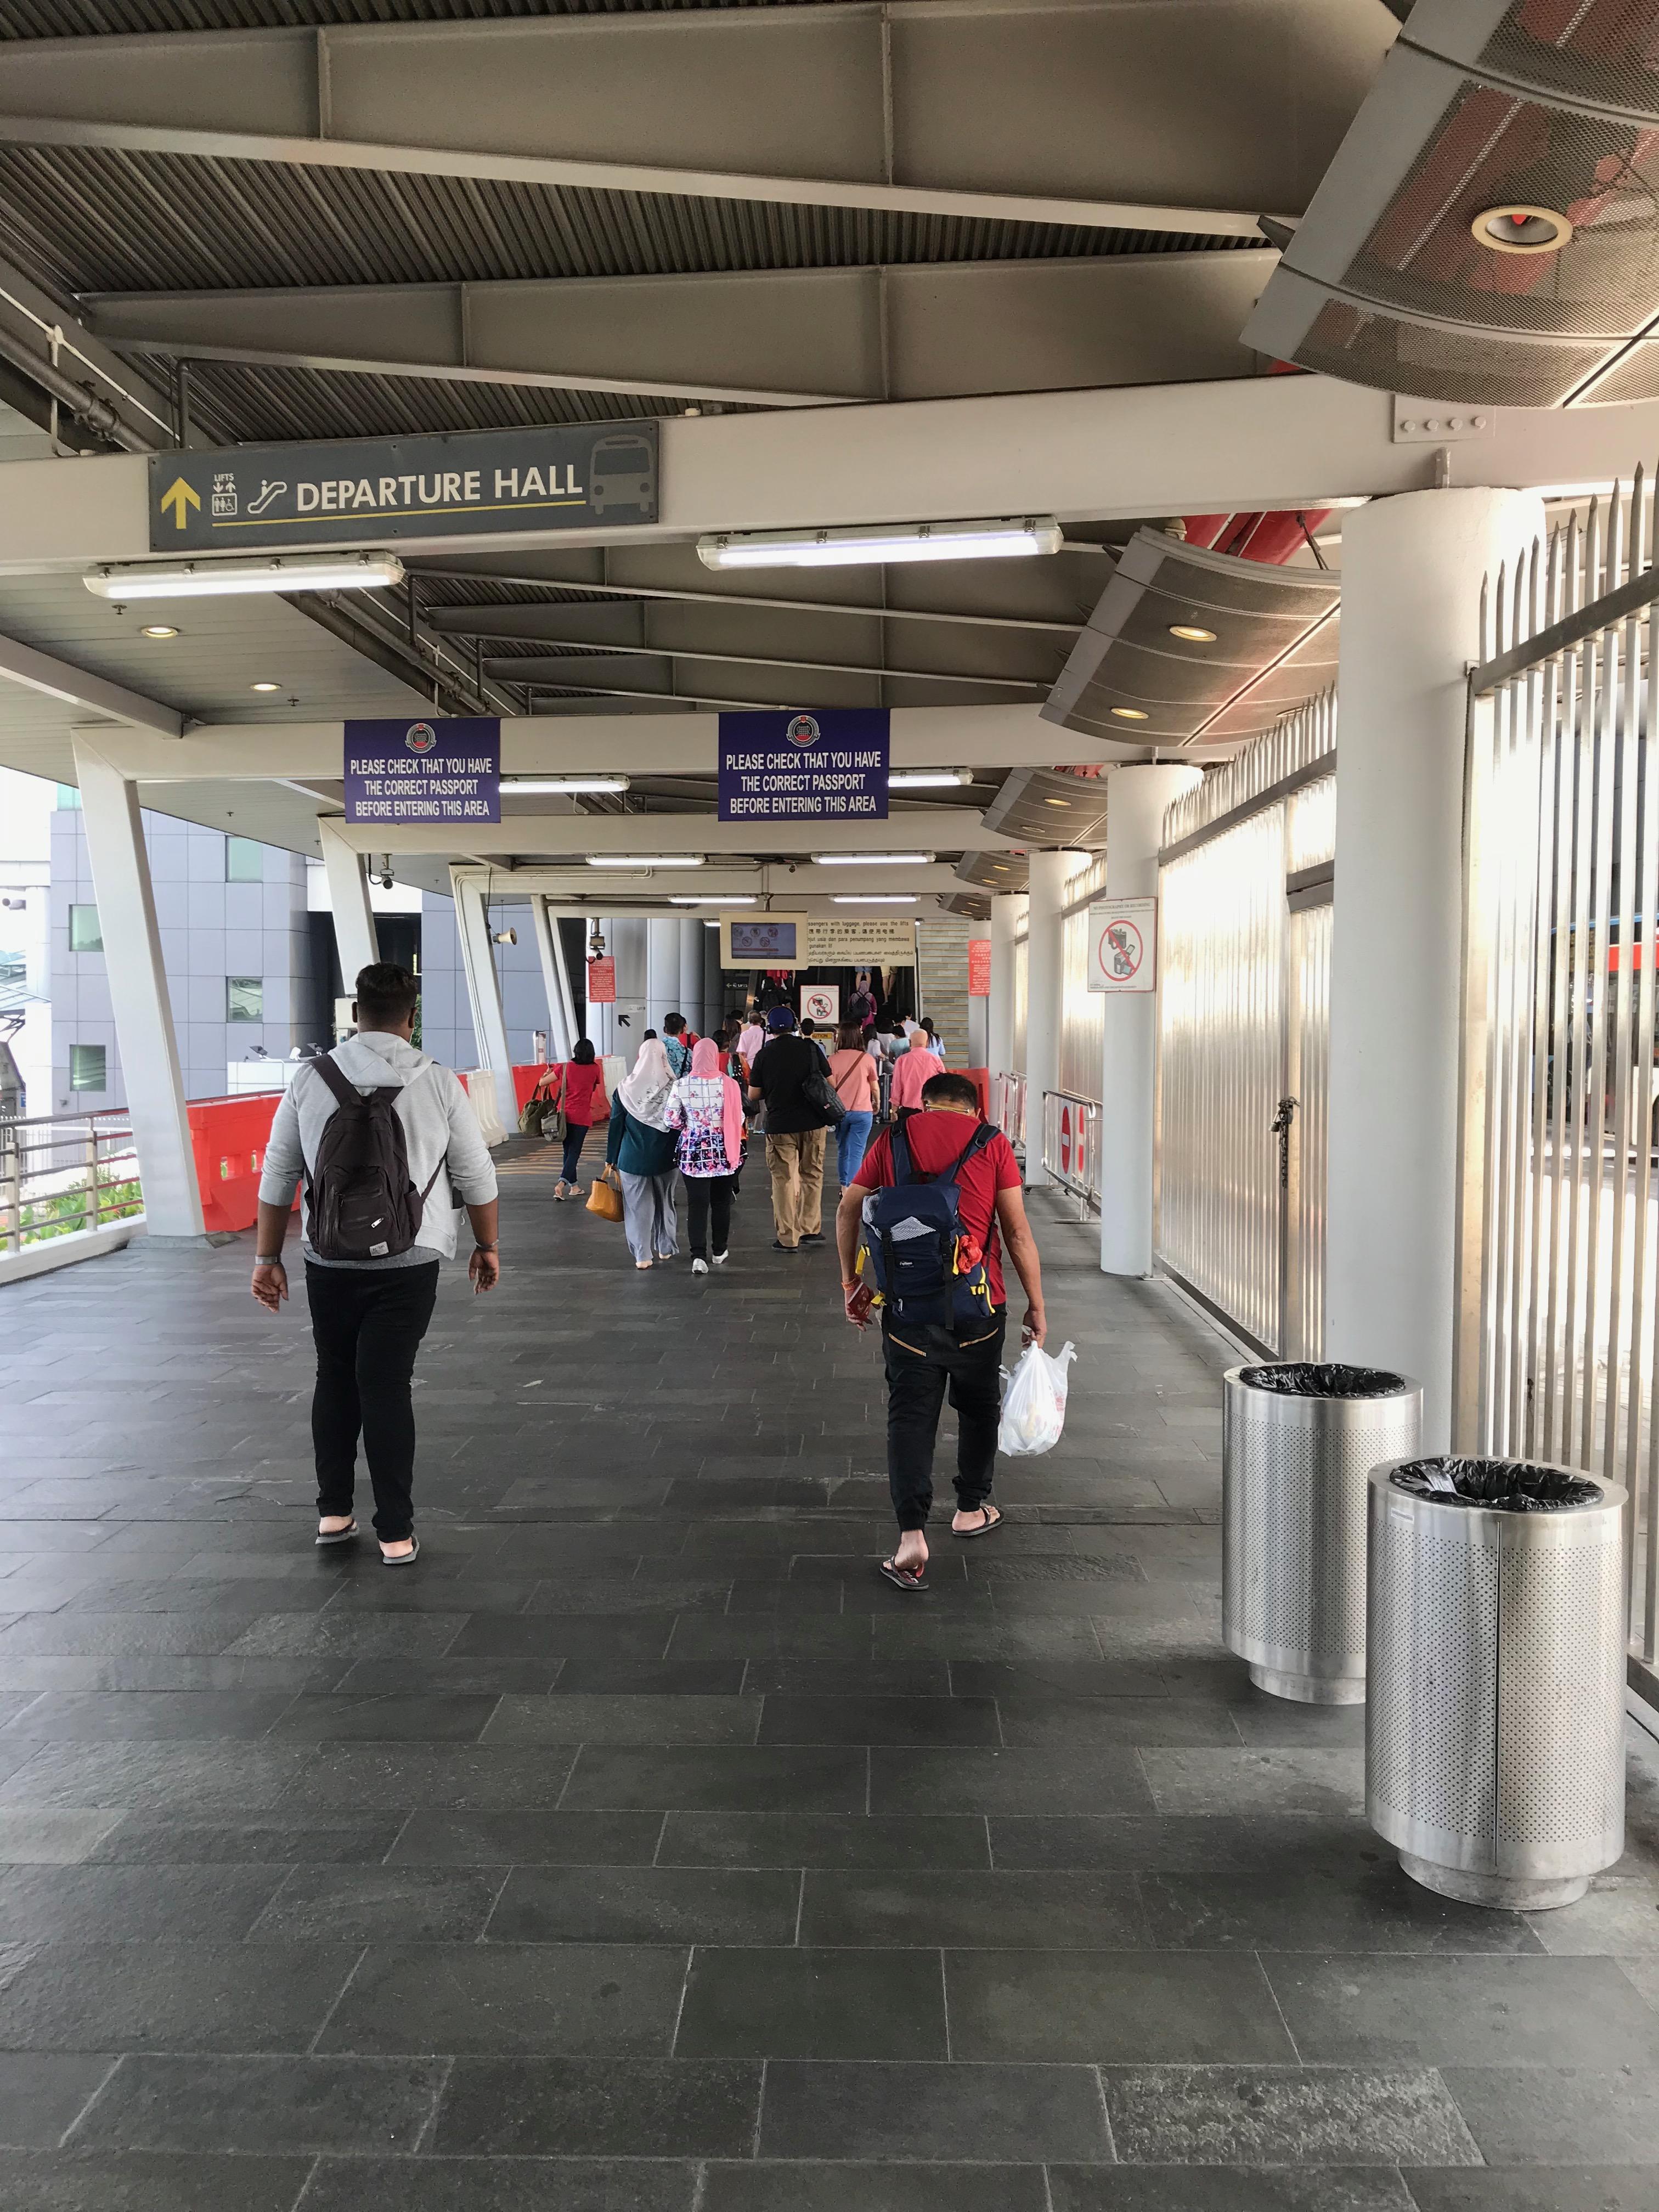 シンガポール国境